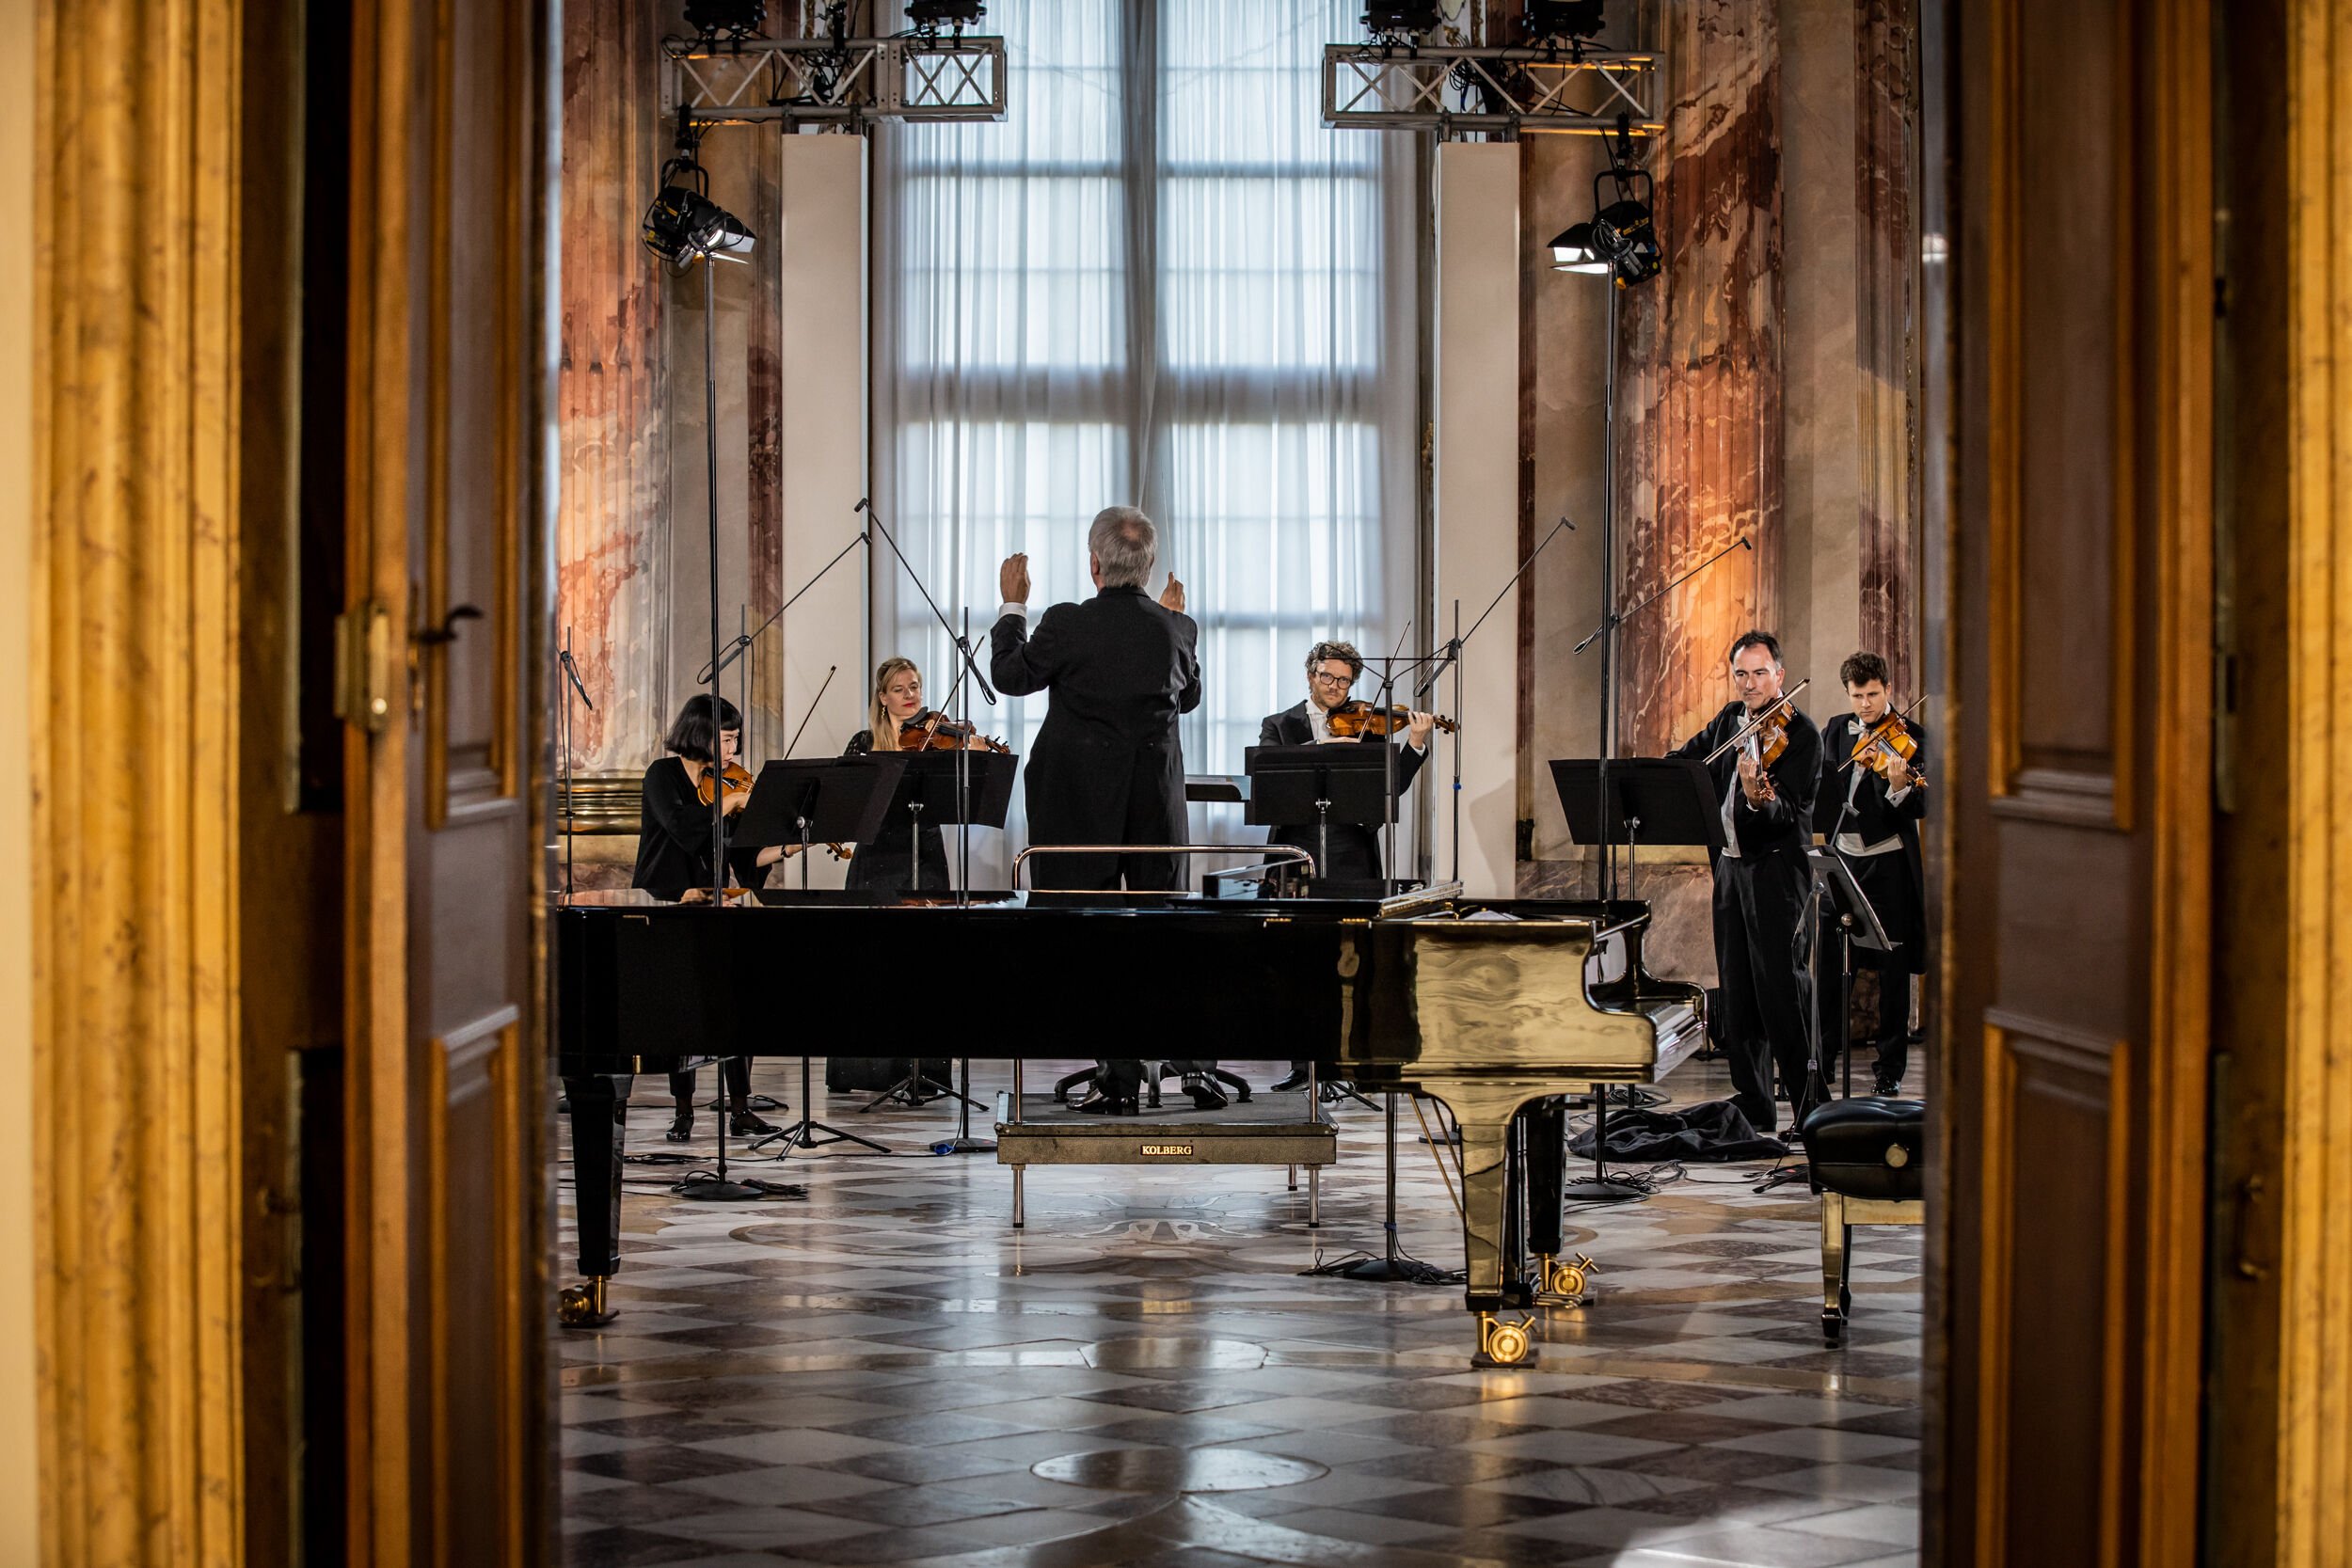 Muenchner Rundfunkorchester - Mozartfest - 21.06.2020 - Residenz Wuerzburg by Dita Vollmond